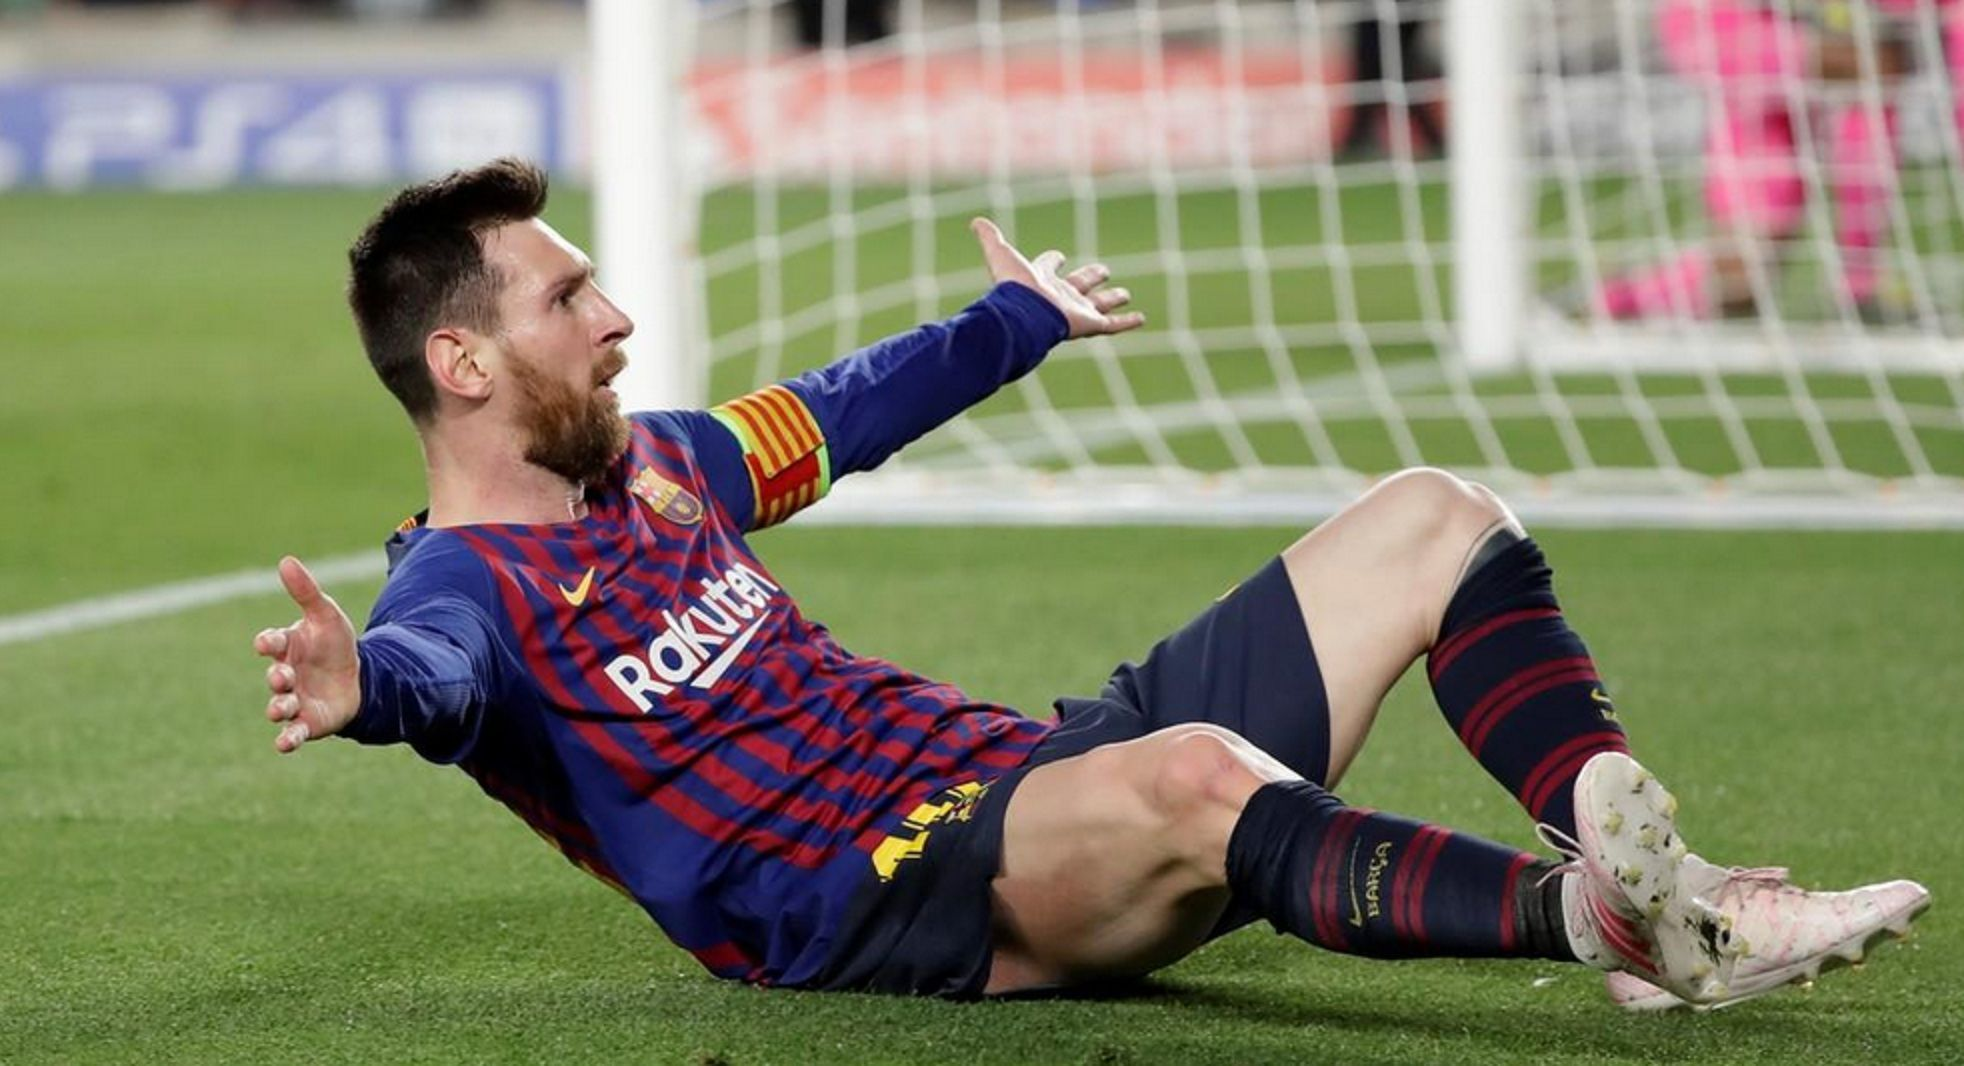 Messi y su gol de tiro libre: La verdad que entró espectacular